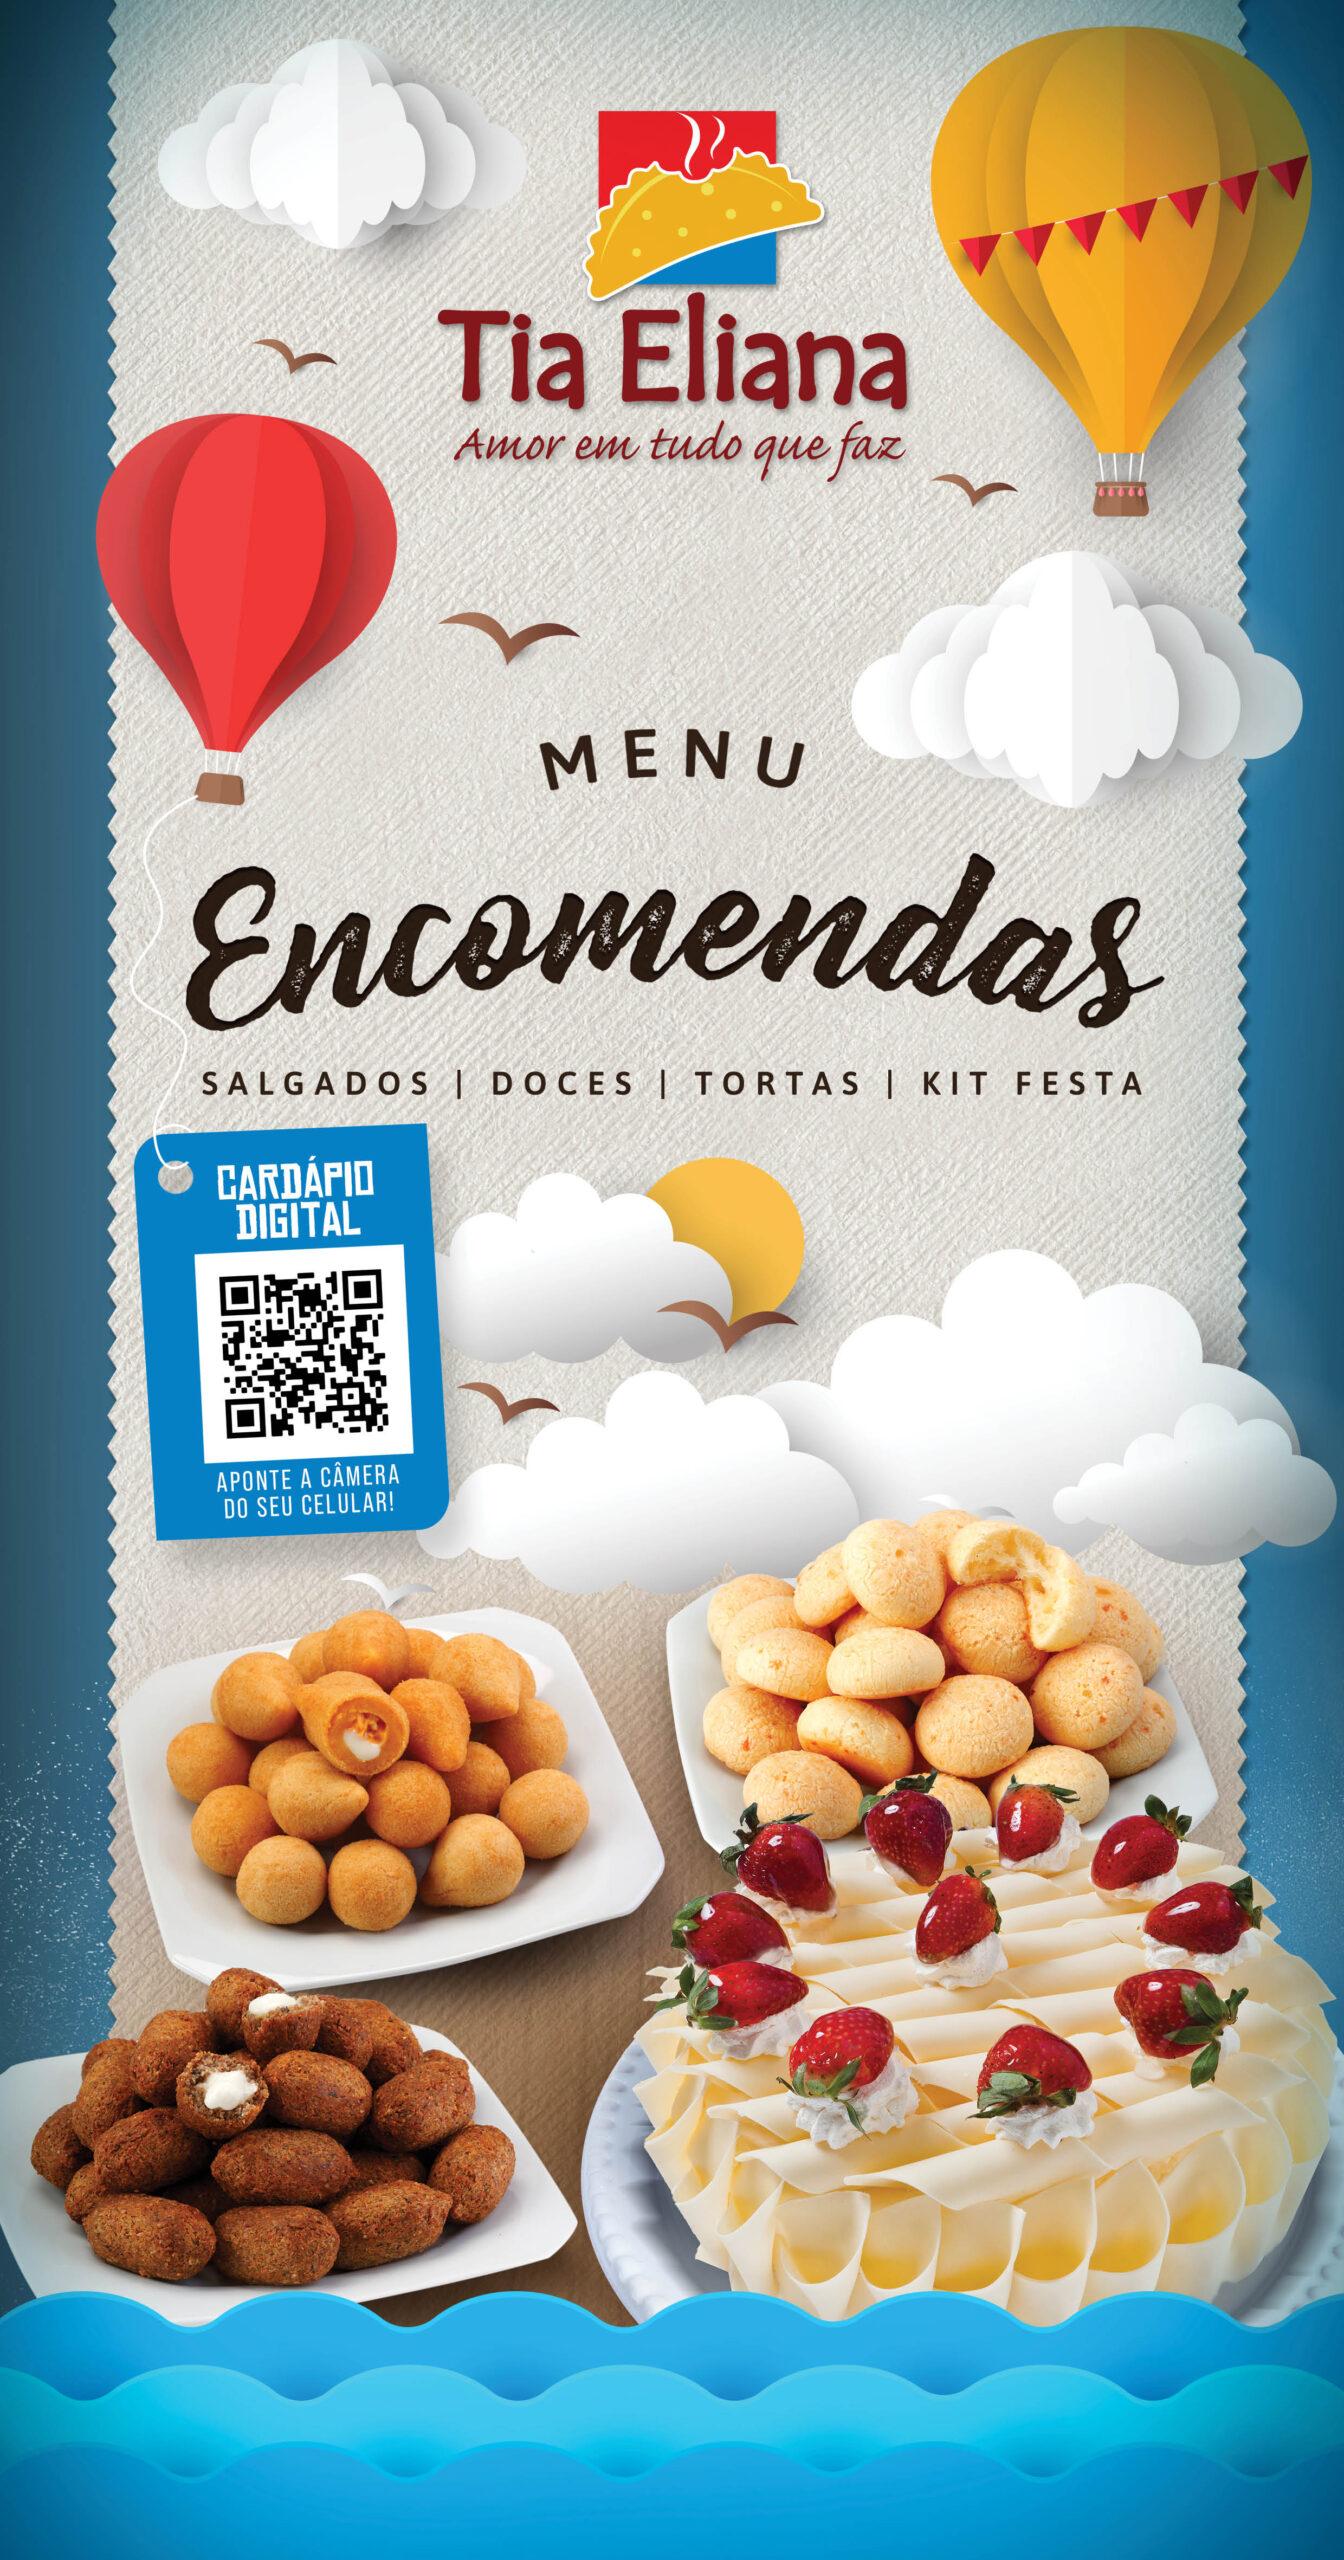 cardapio_encomendas_40x21cm_tia_eliana_interior_caete_V2-1-scaled Encomendas - Caeté